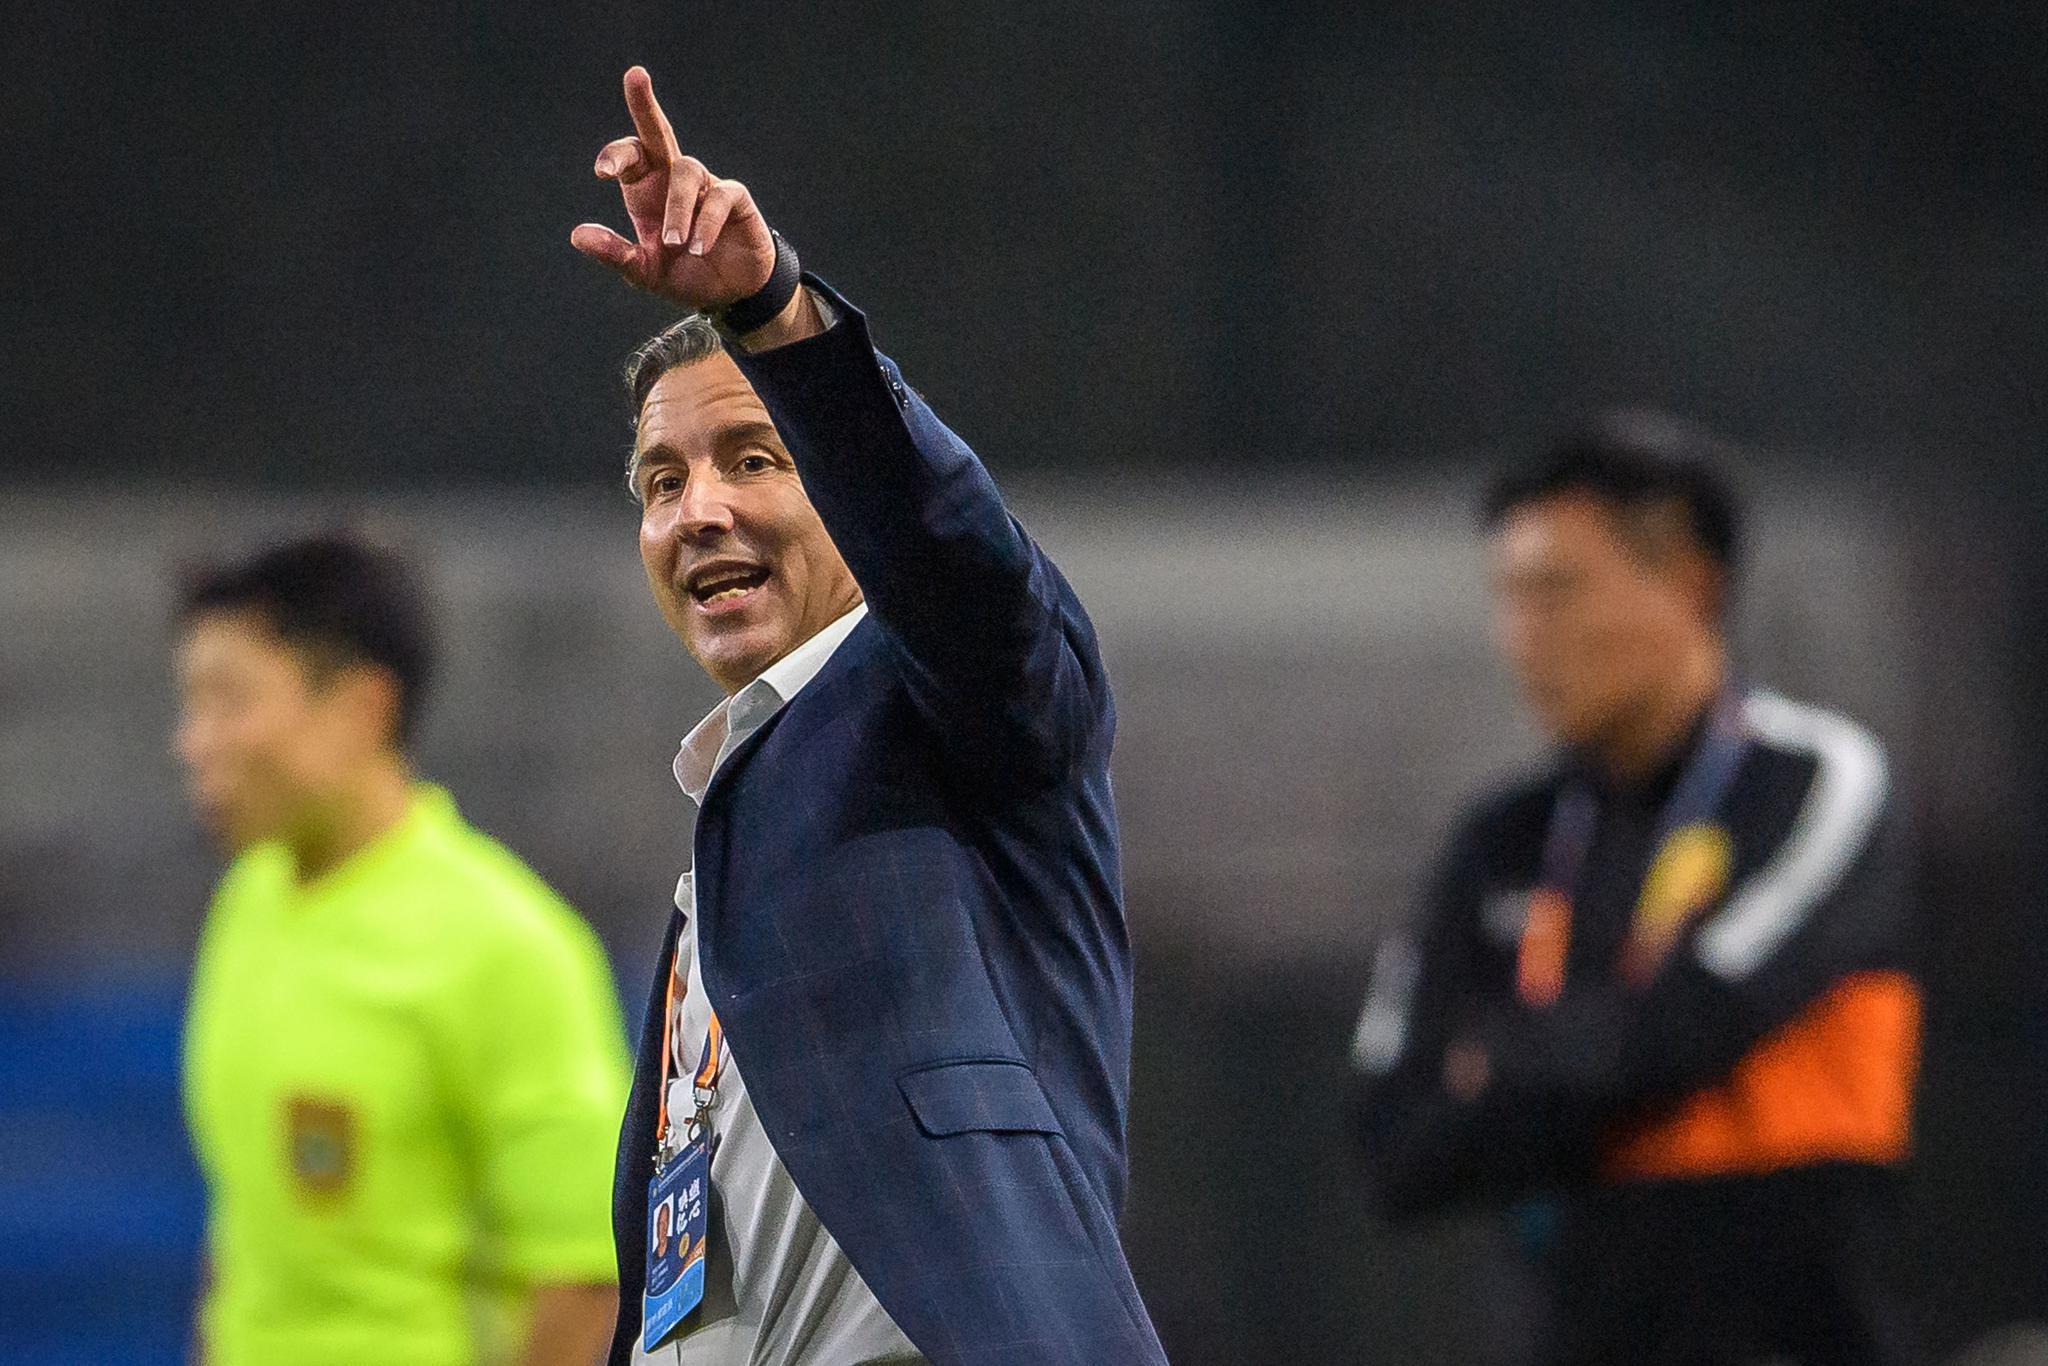 哈维尔:虽然赢球仍不能放松,舒尼奇是优秀的职业球员